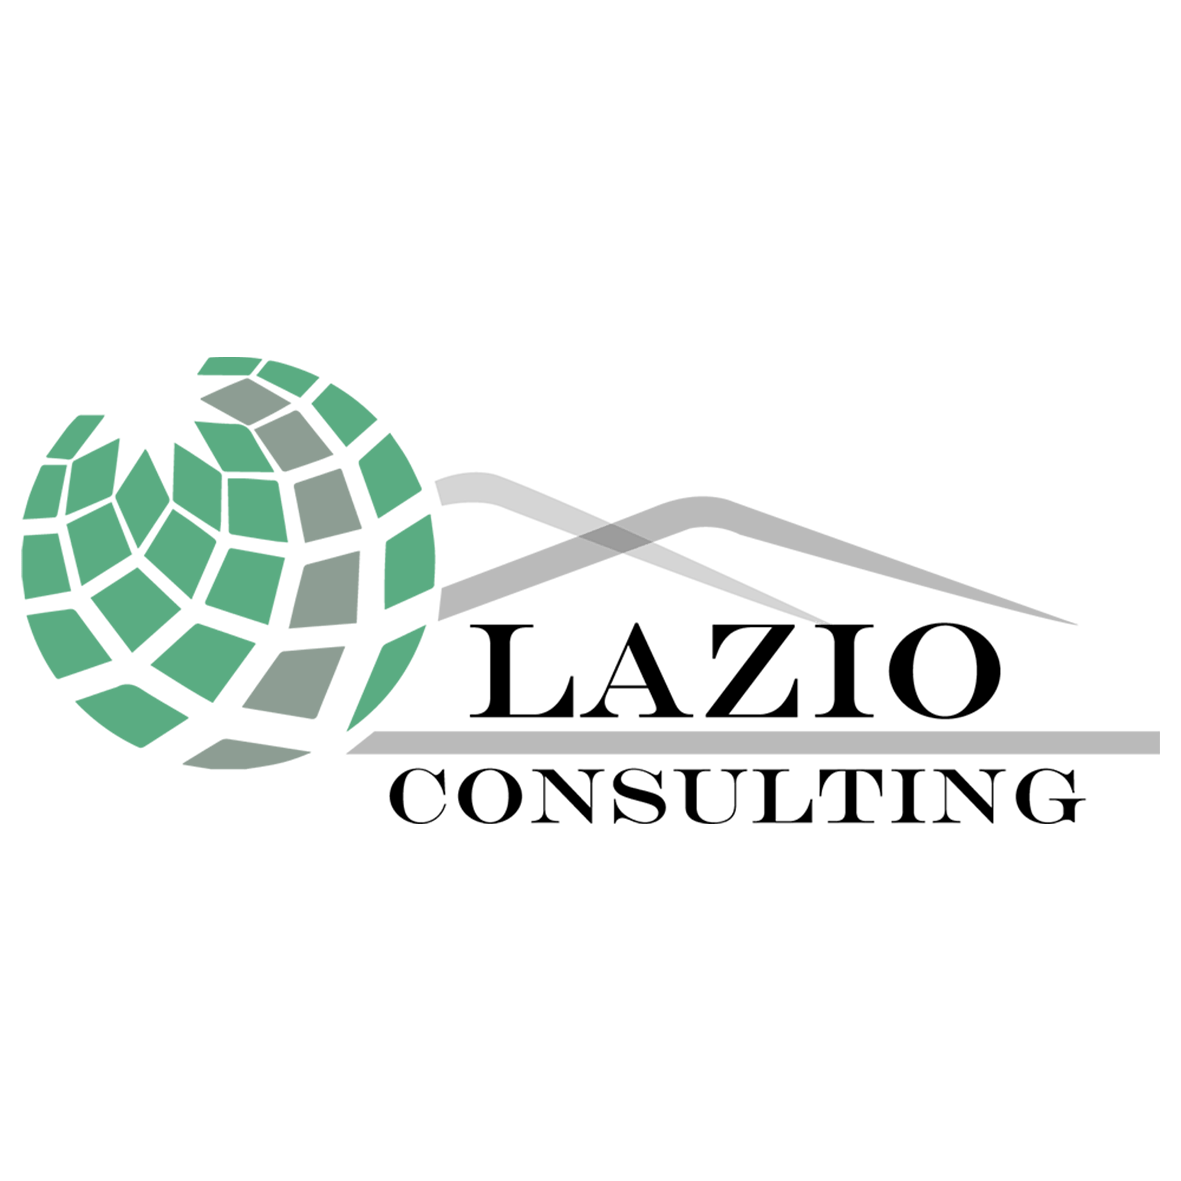 lazioconsulting